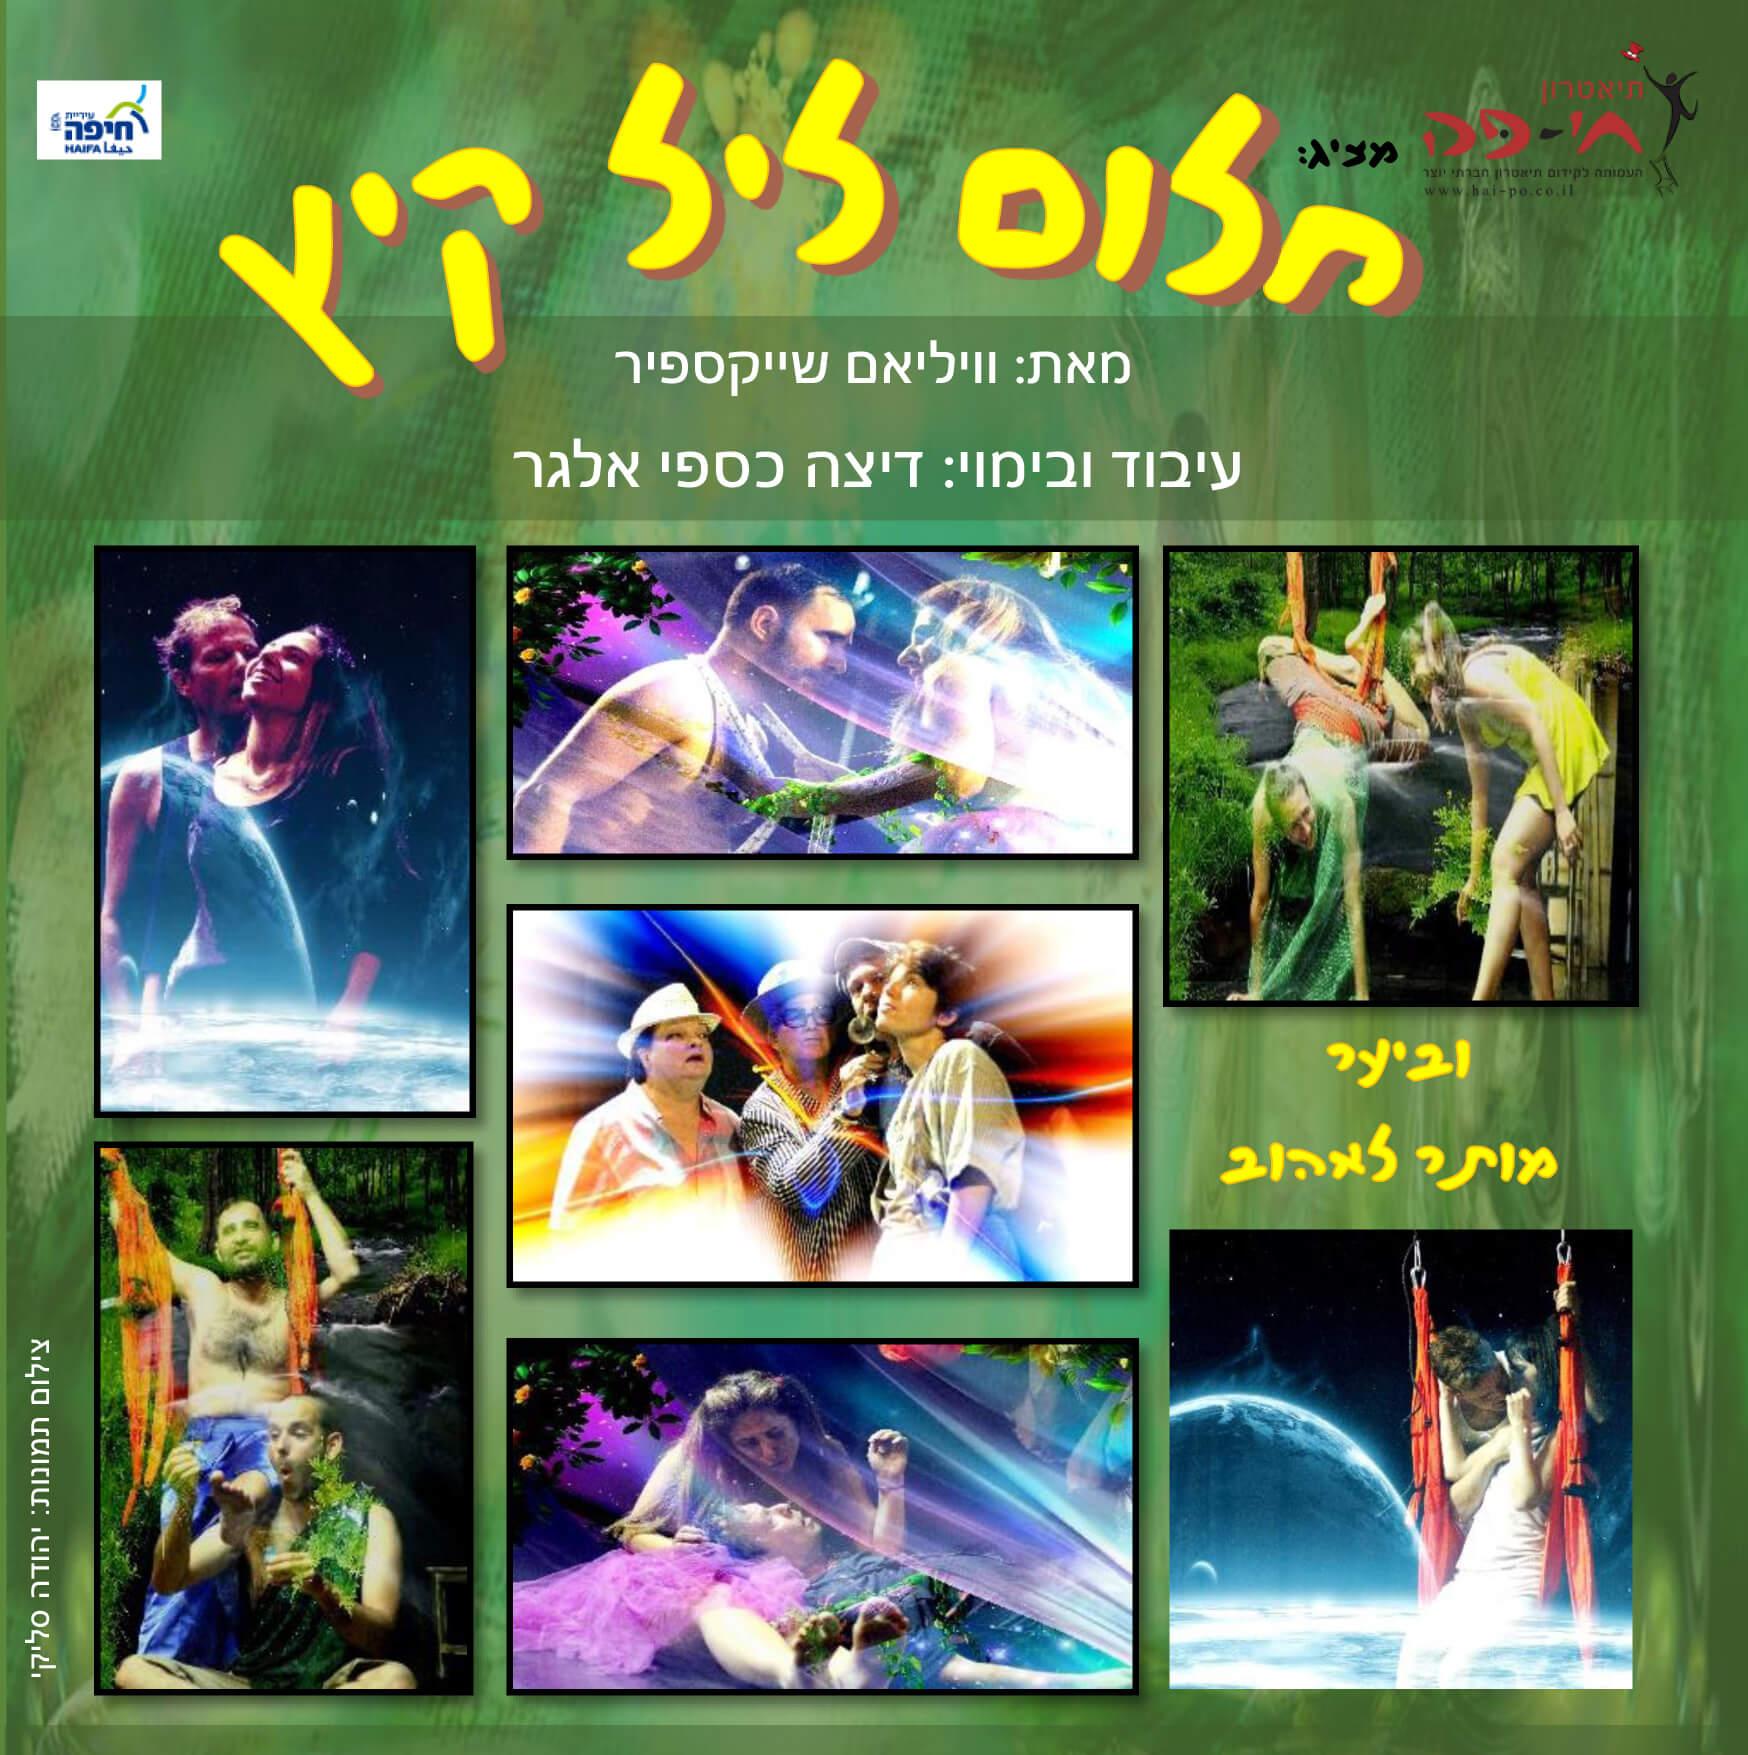 חלום ליל קיץ | 6.9 בית הגפן חיפה, 8.9 צוותא תל-אביב